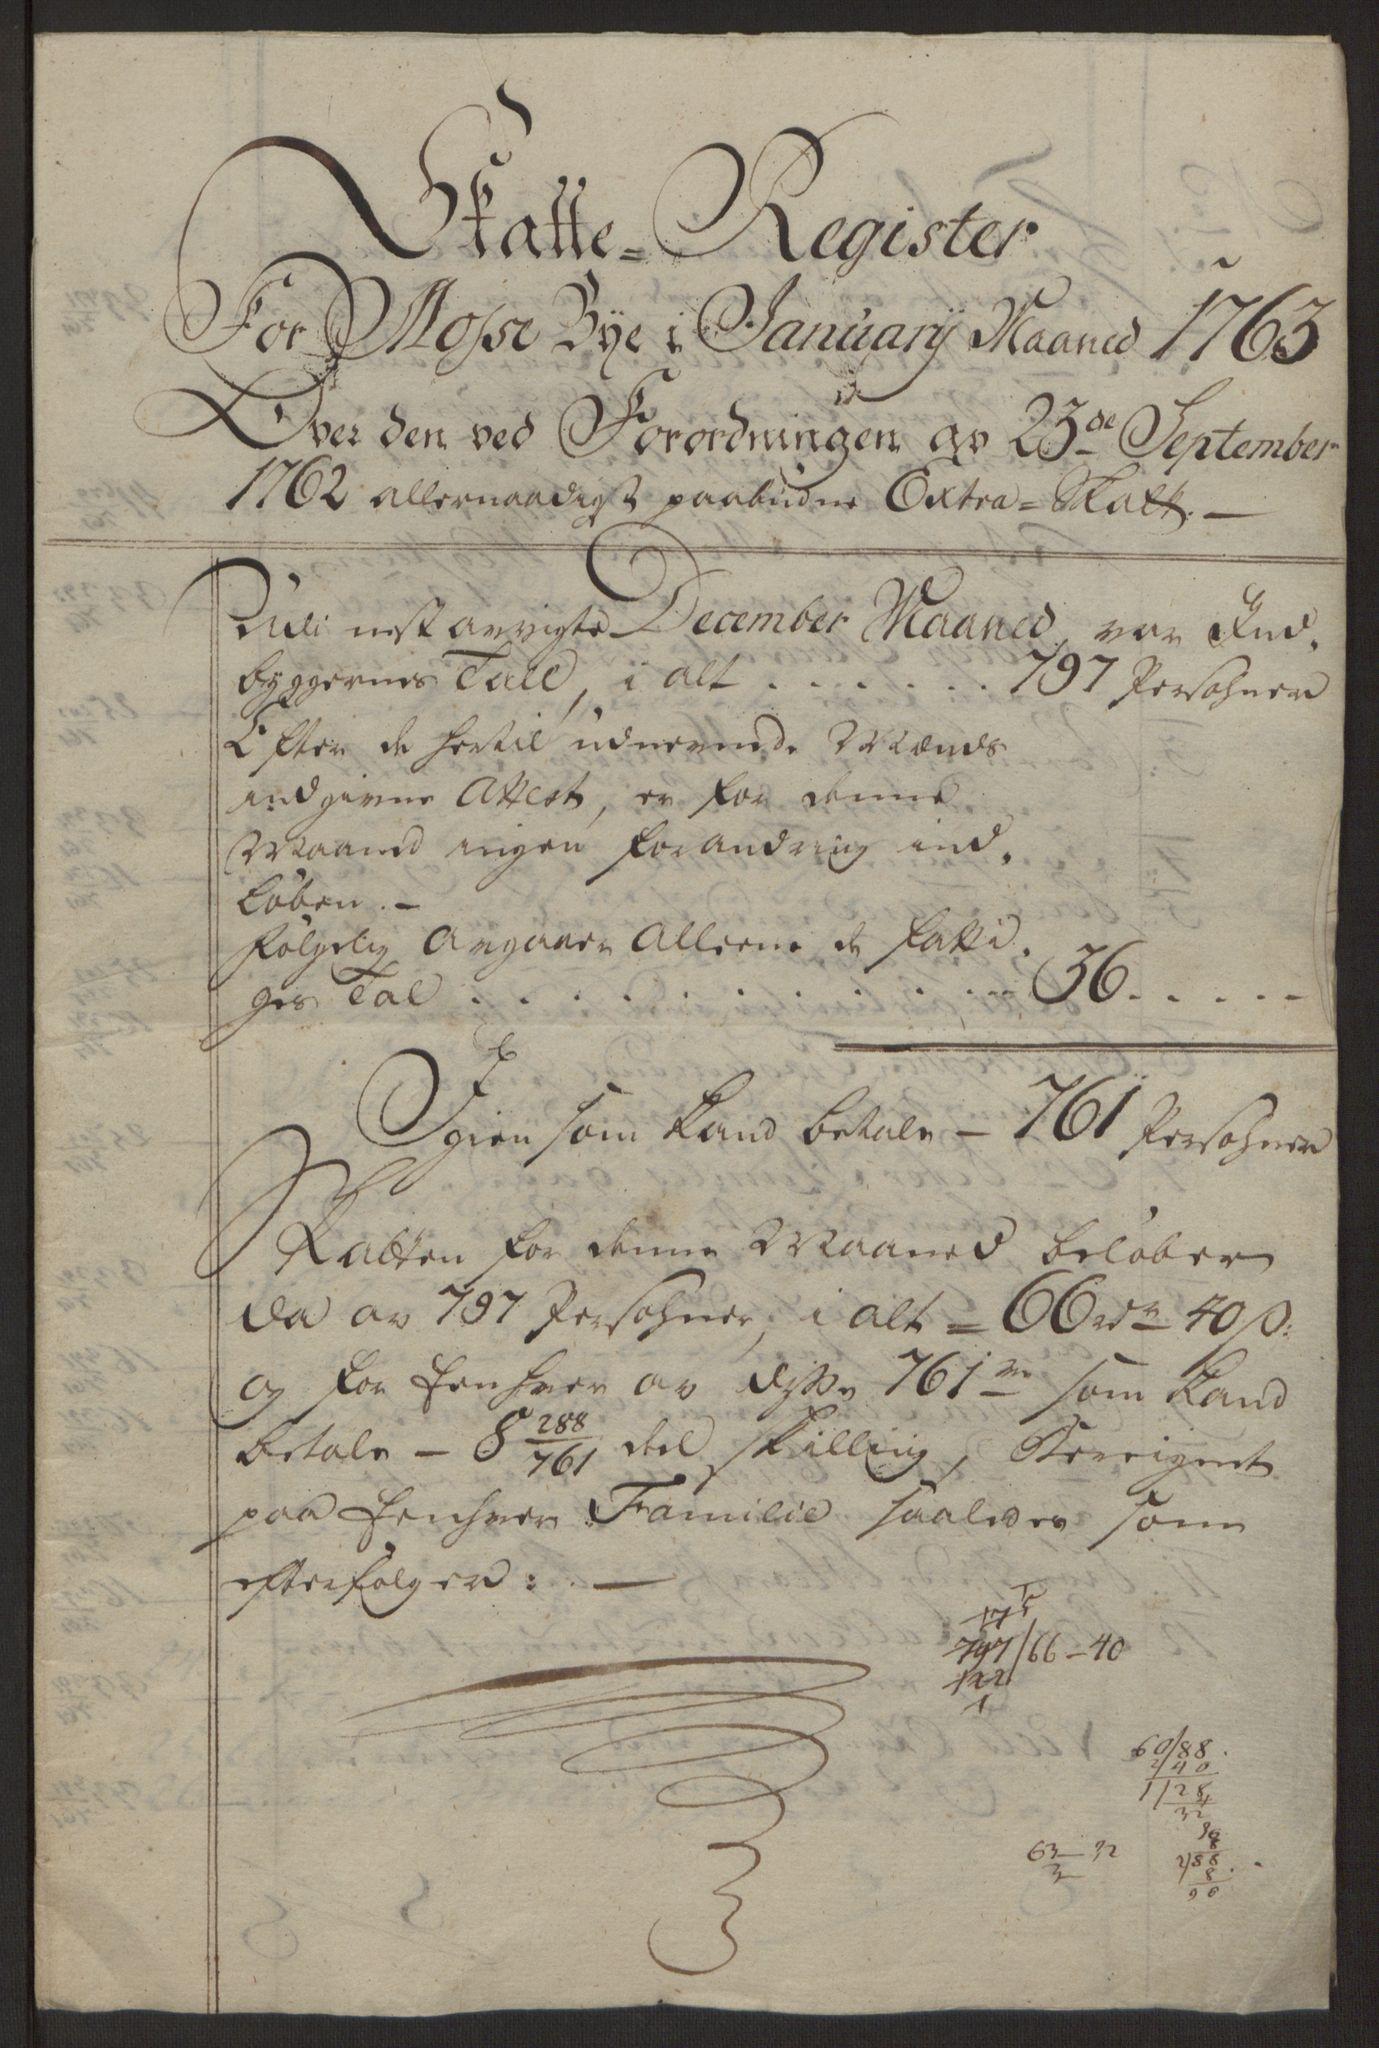 RA, Rentekammeret inntil 1814, Reviderte regnskaper, Byregnskaper, R/Rc/L0042: [C1] Kontribusjonsregnskap, 1762-1765, s. 59